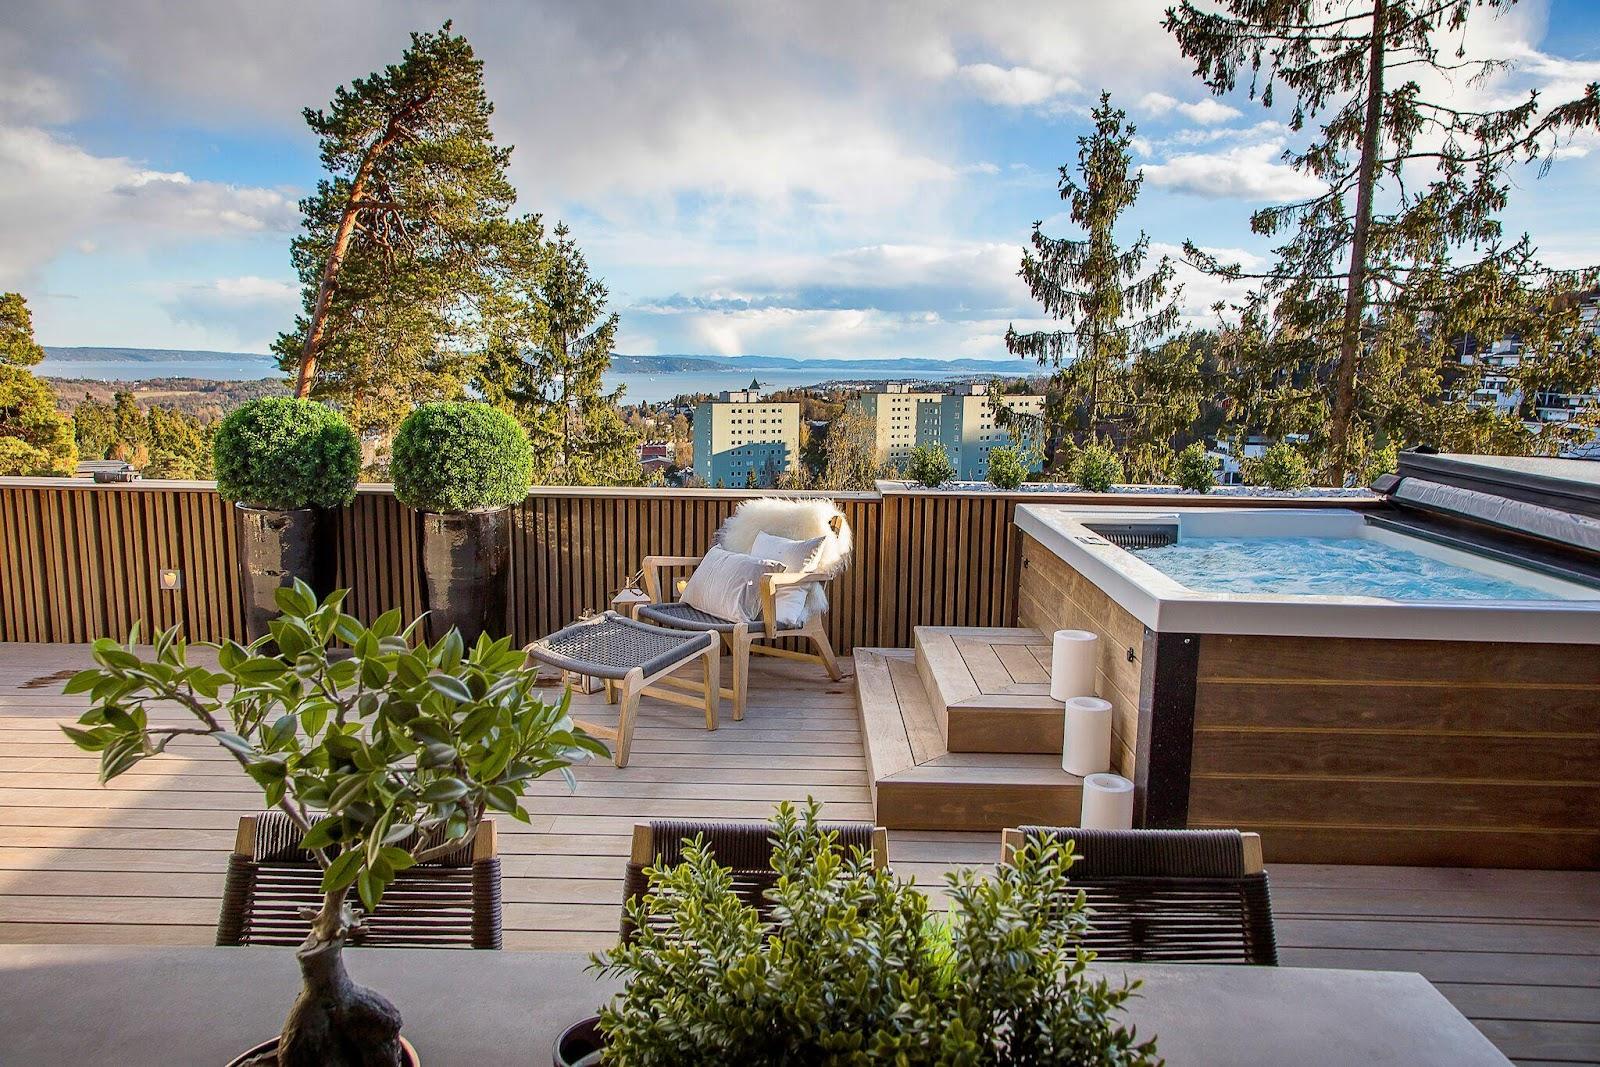 En terrasse med bassin